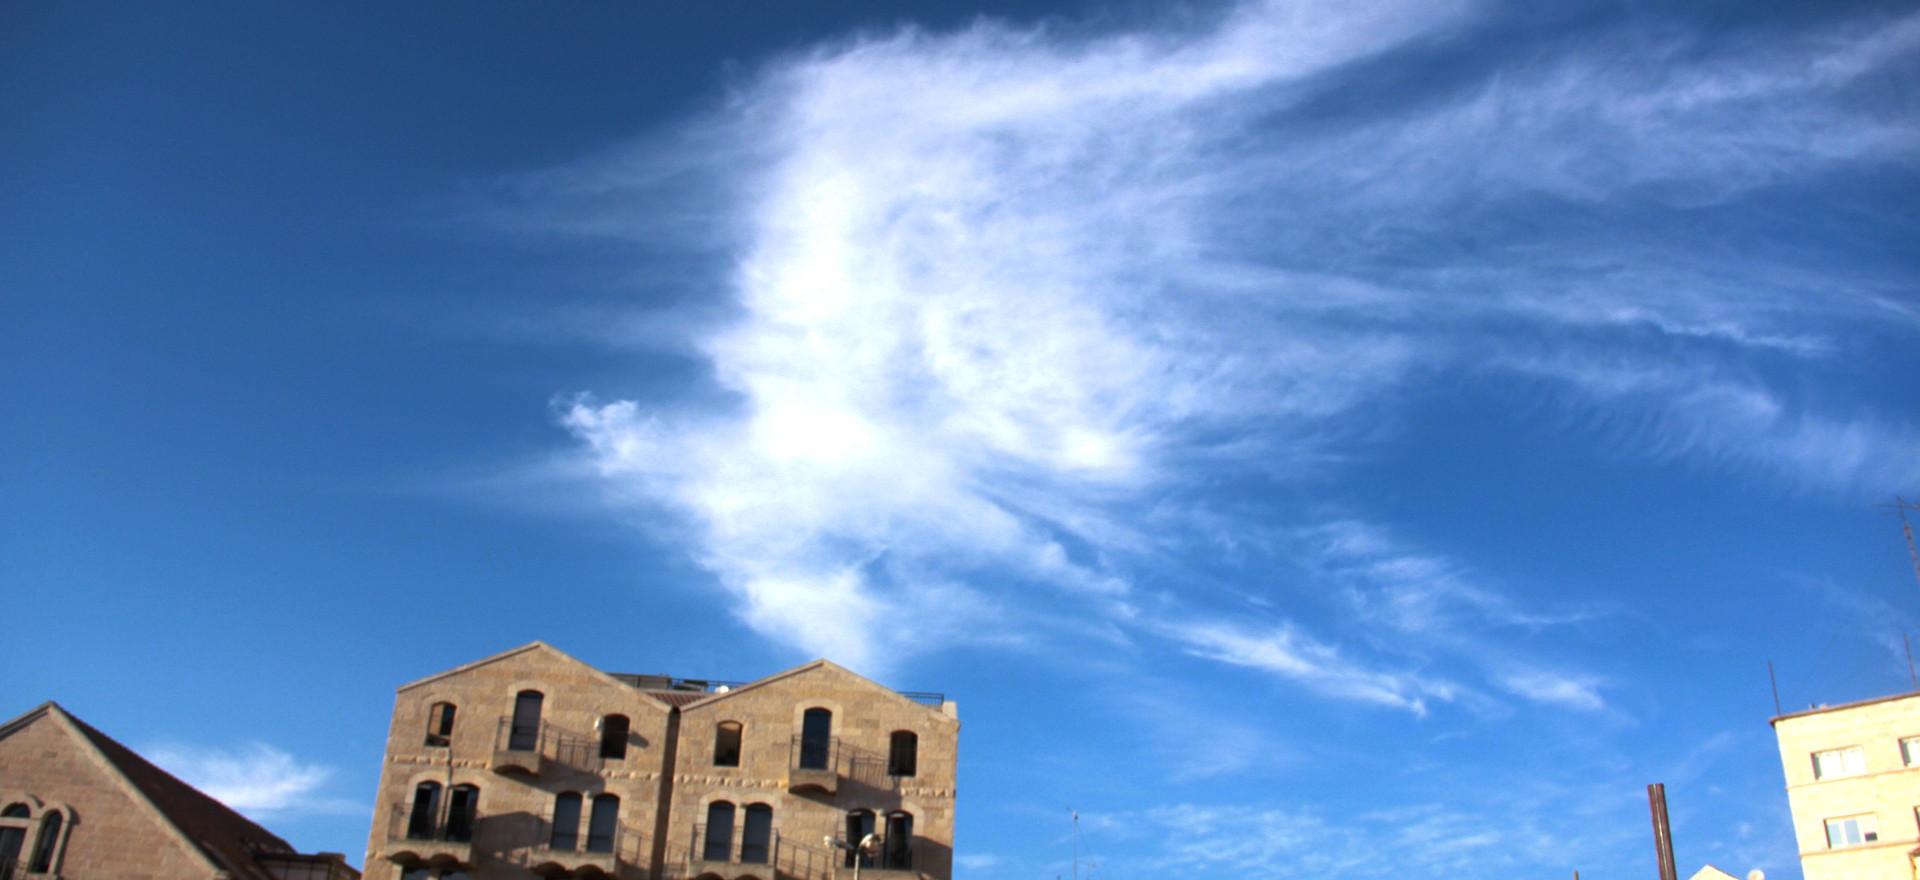 以色列的天空01.jpg